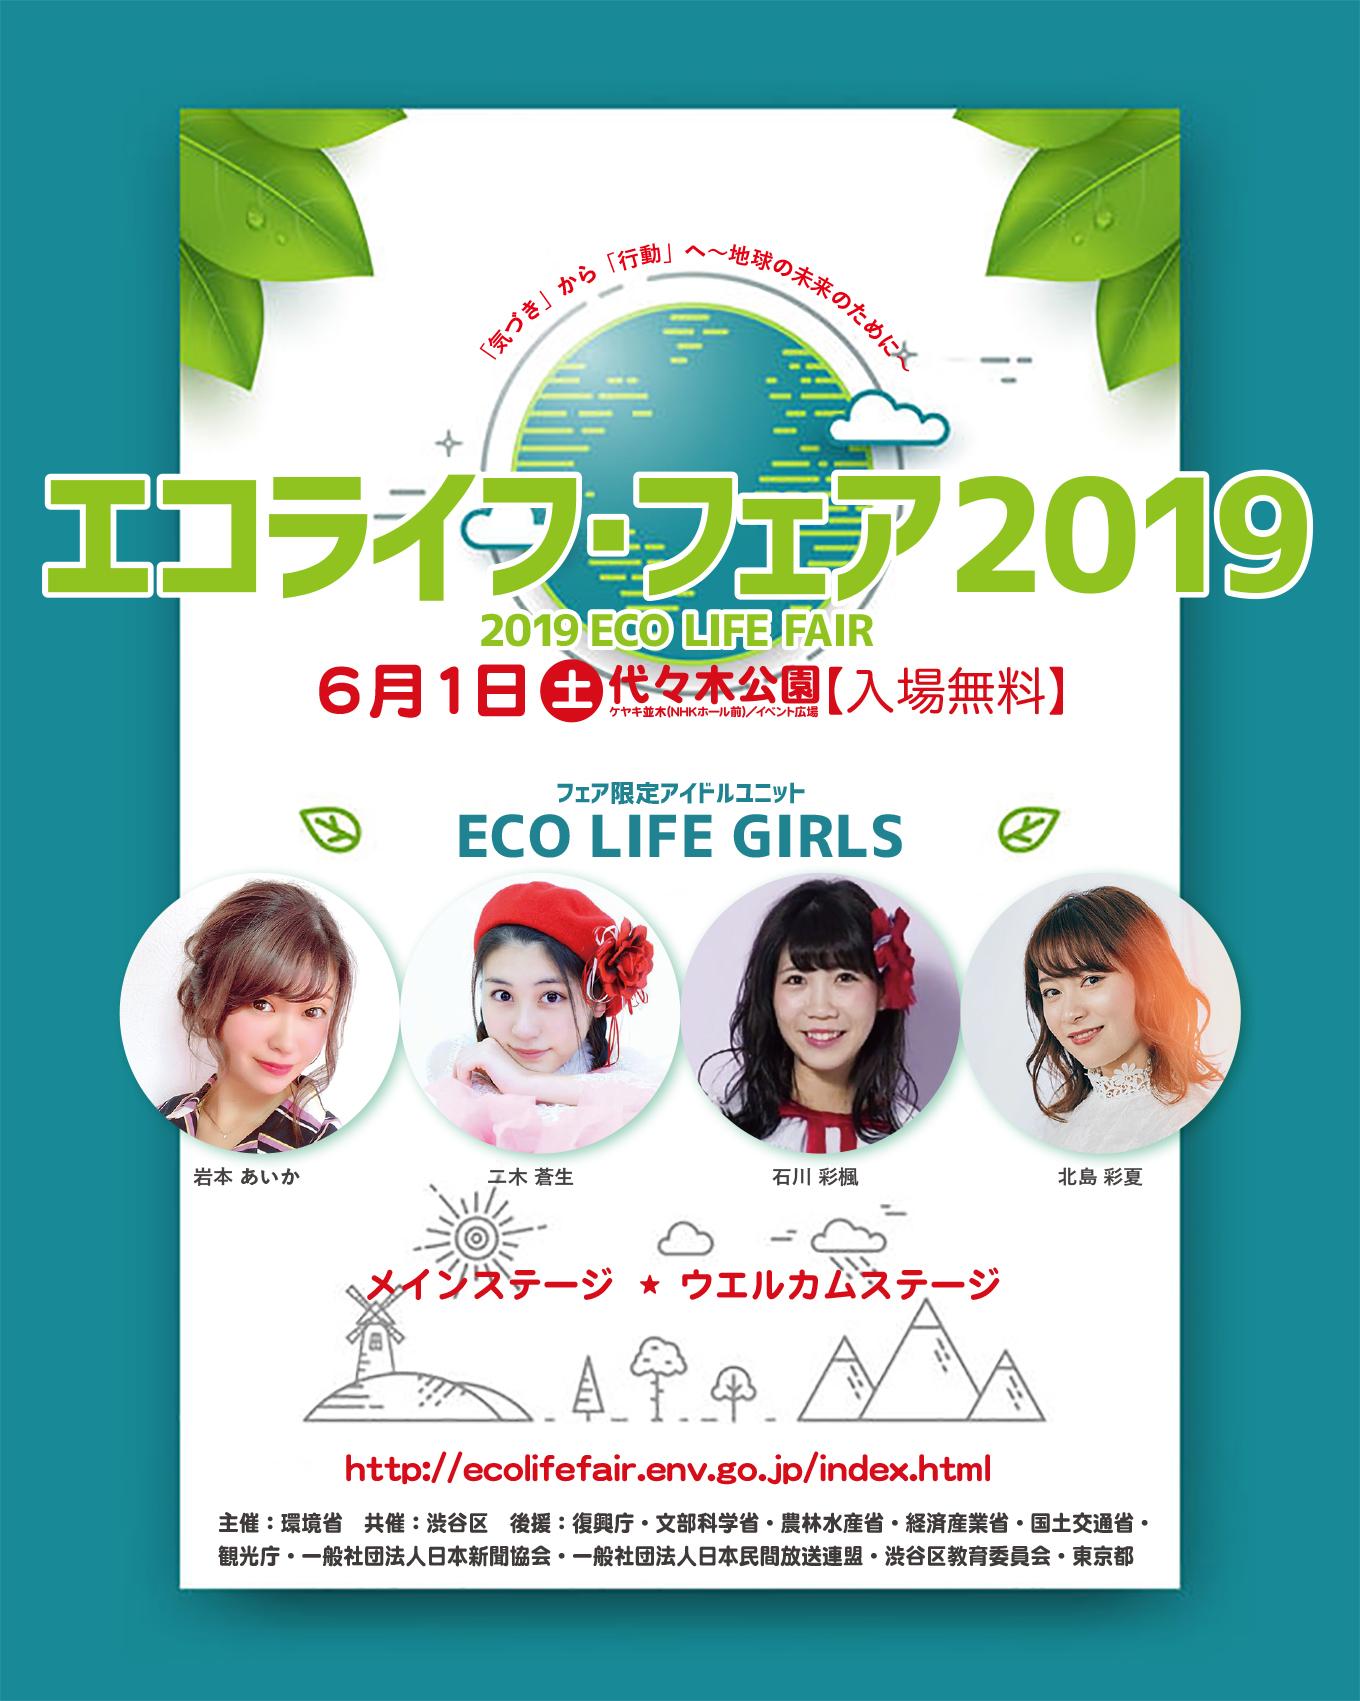 6/1(土)エコライフ・フェア2019ステージ